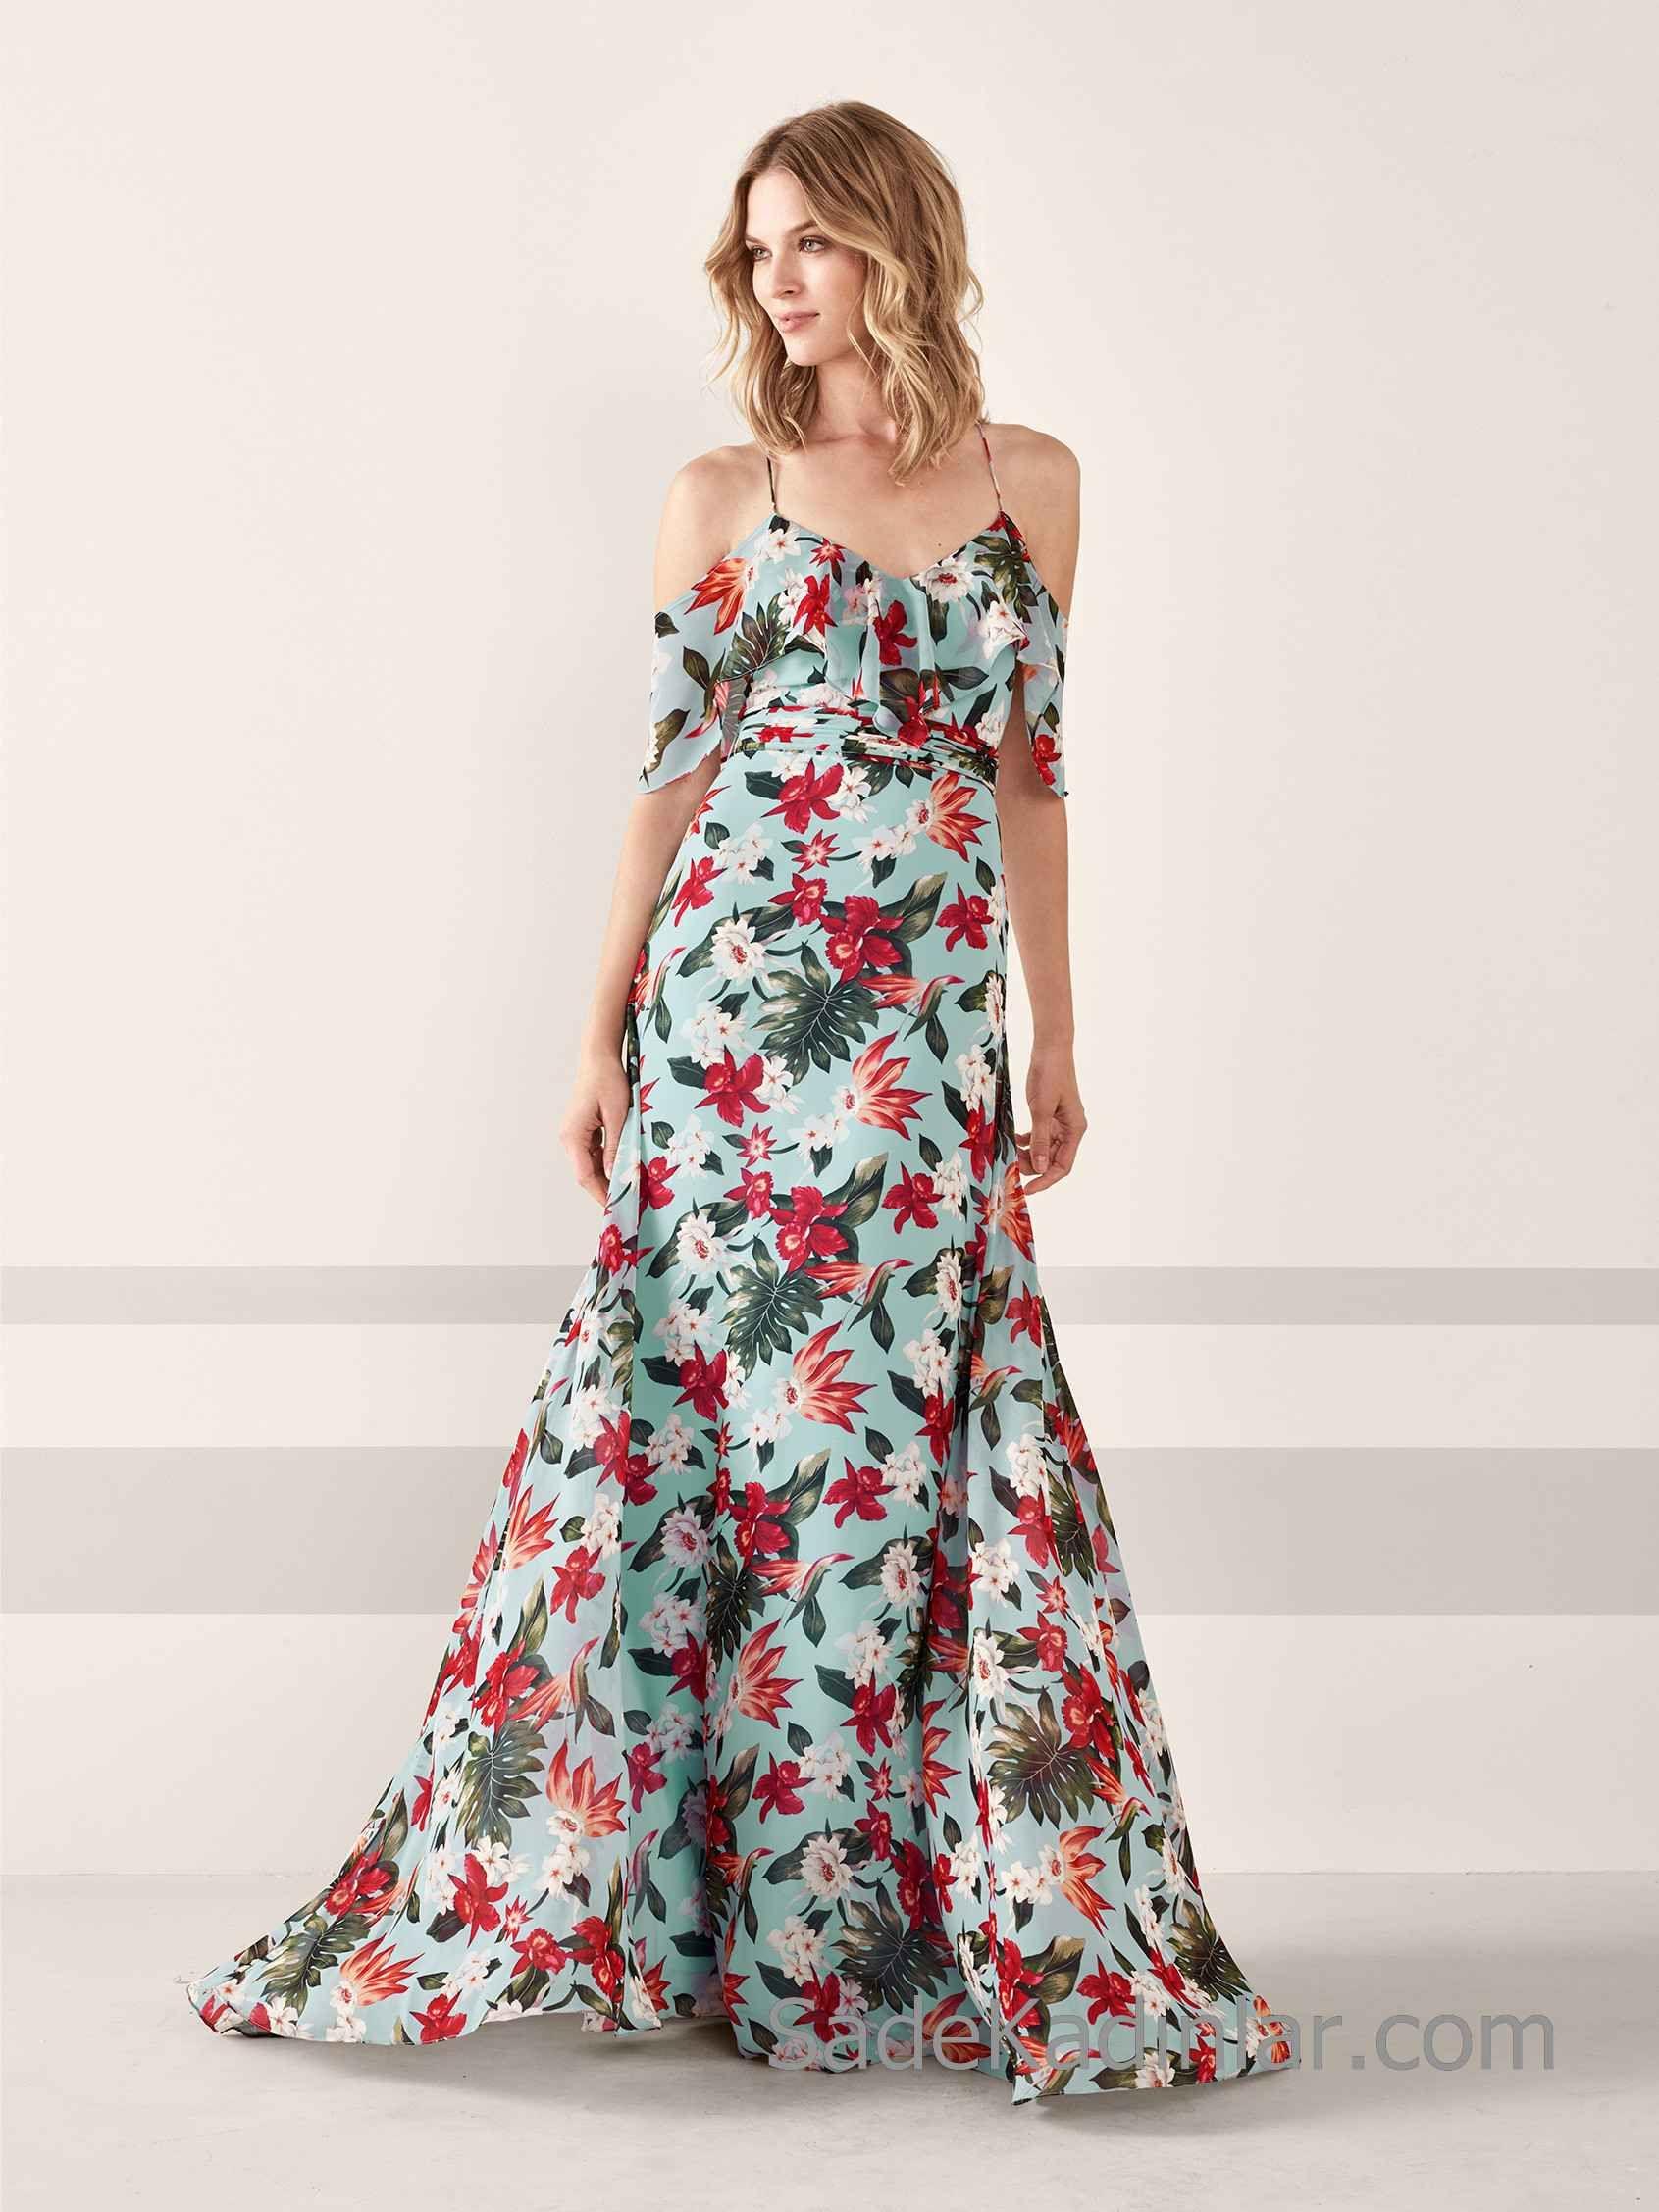 Pronovias 2020 Abiye Elbise Modelleri Yesil Uzun Ip Askili Klos Etekli Firfirli Yakali Cicek Baskili Maksi Elbiseler Elbise Modelleri Balo Elbiseleri